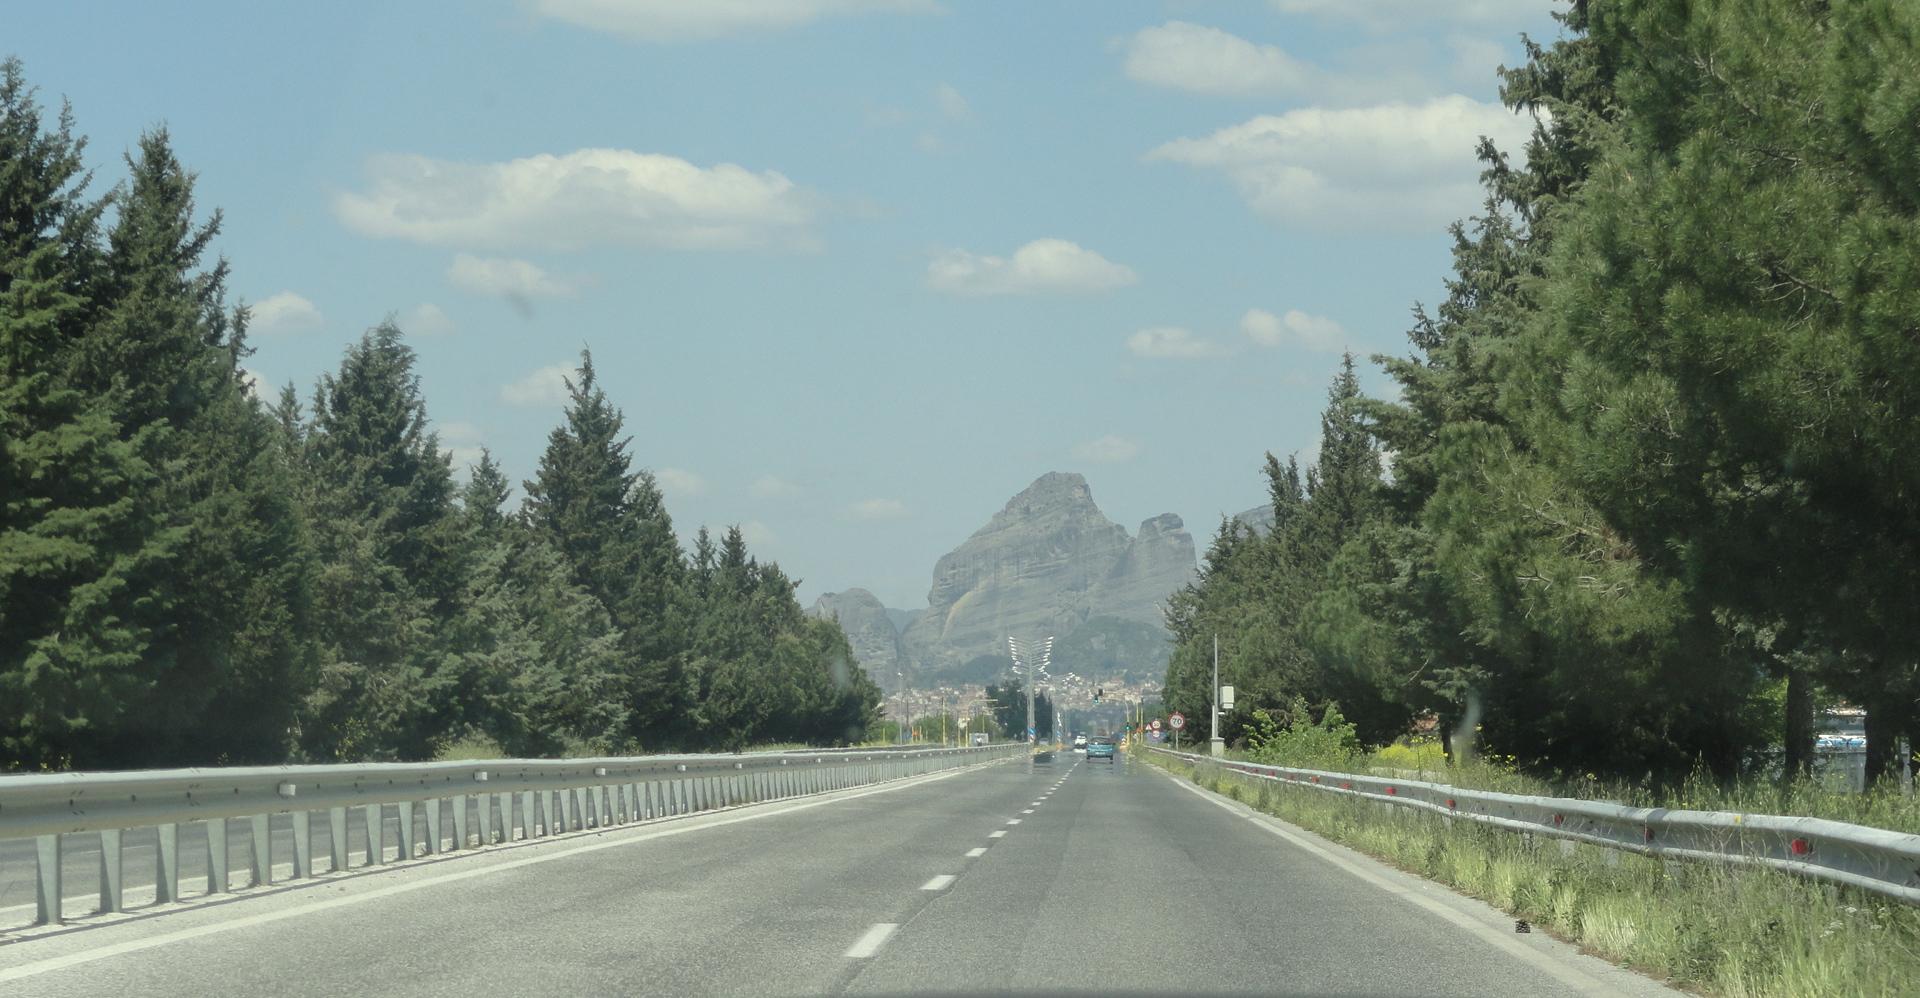 Approaching Meteora